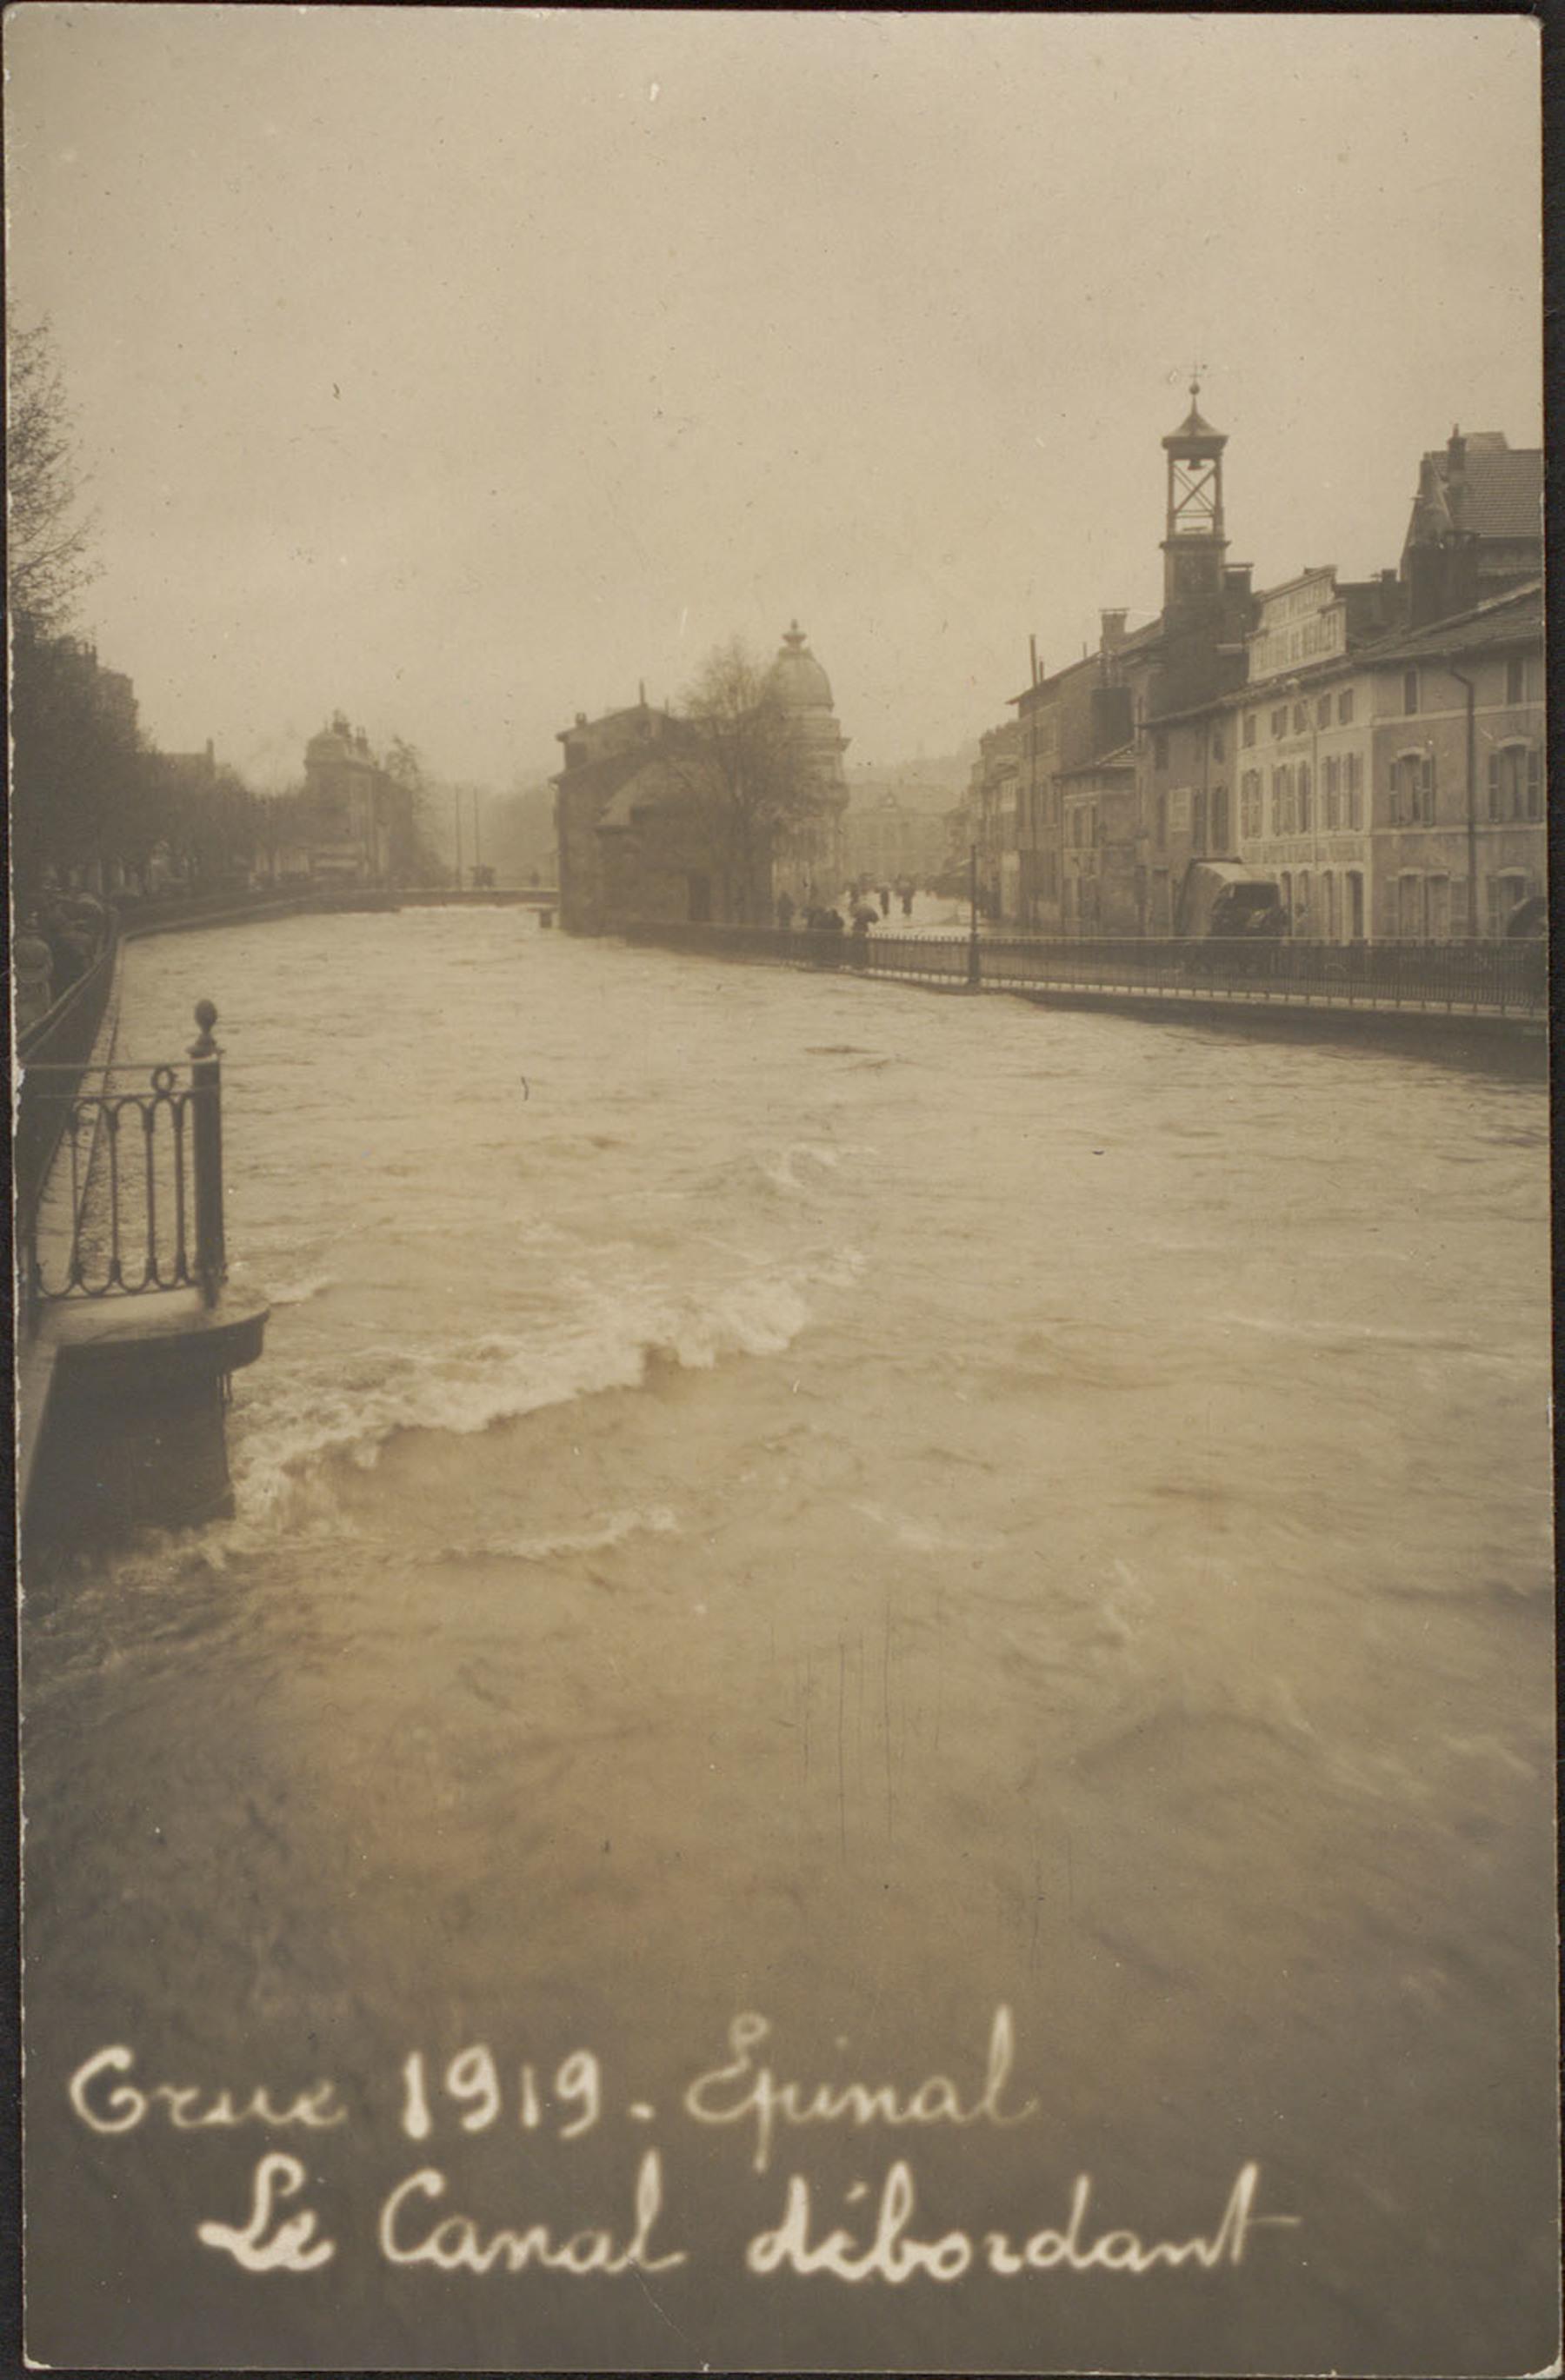 Contenu du Crue 1919, Épinal, Le Canal débordant